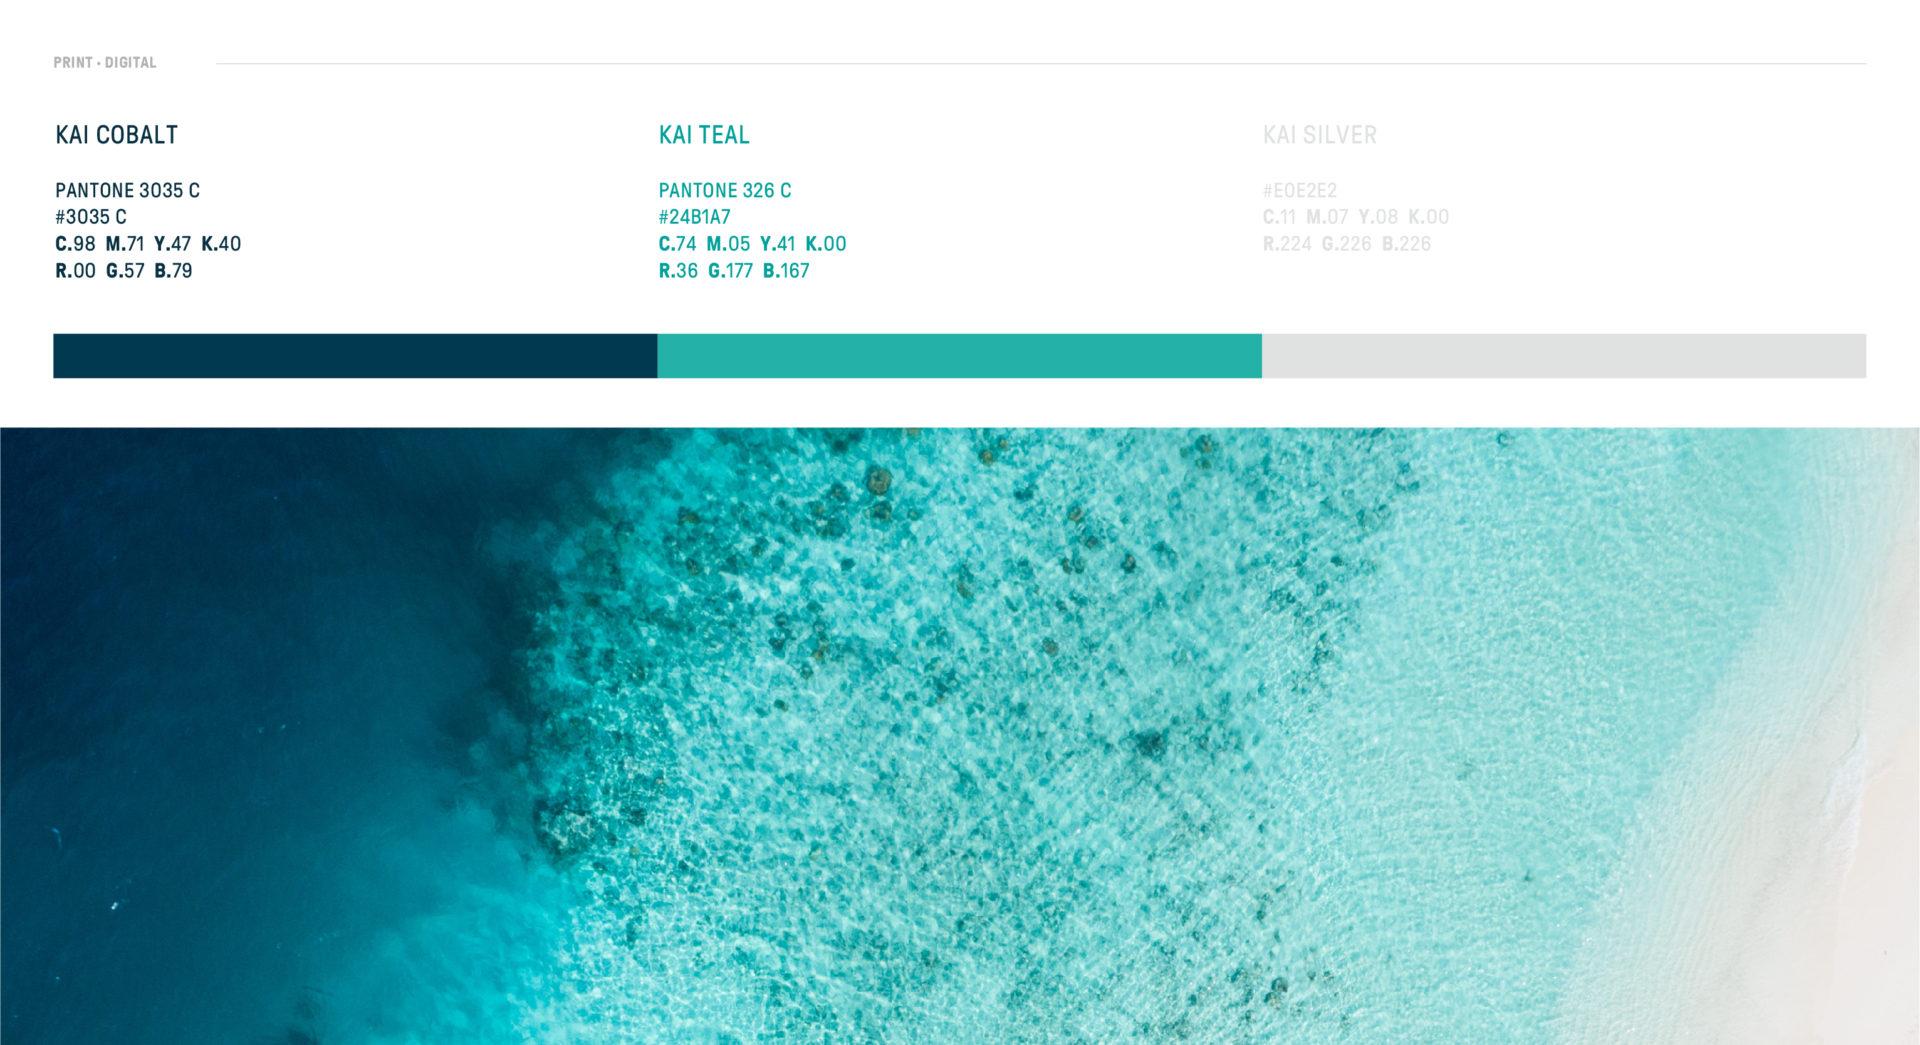 kai-pasifika-colour-branding